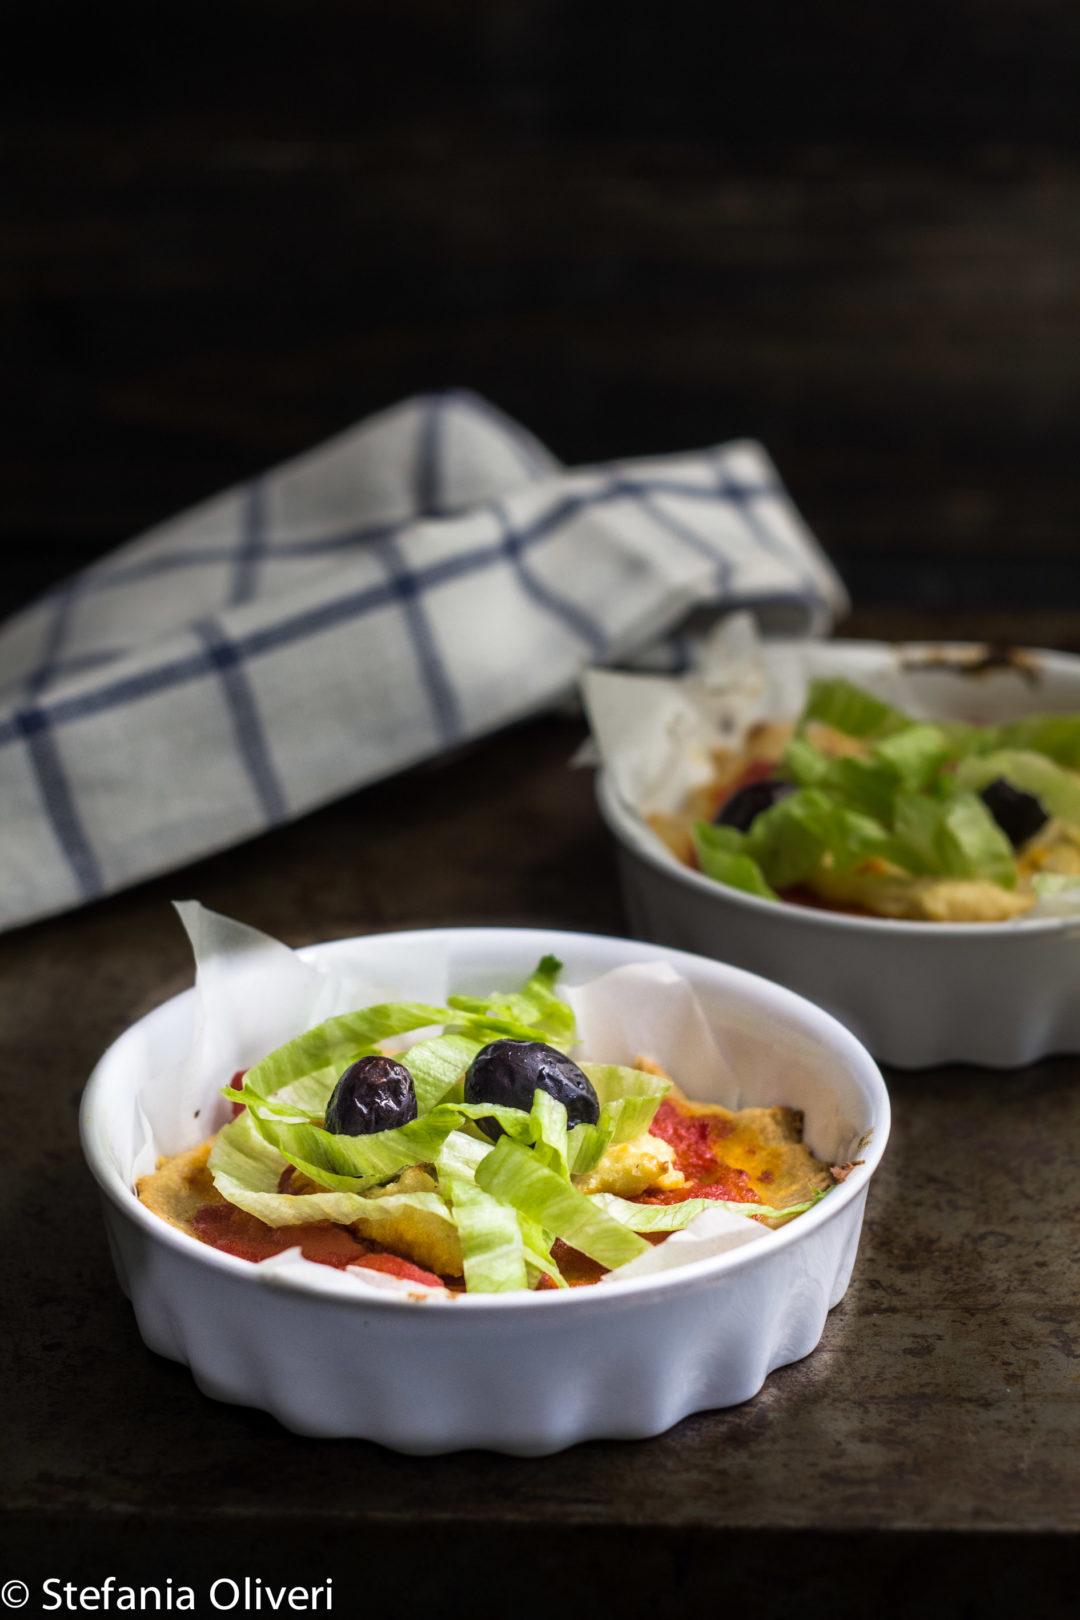 Pizza di quinoa vegan e senza glutine - Cardamomo & co